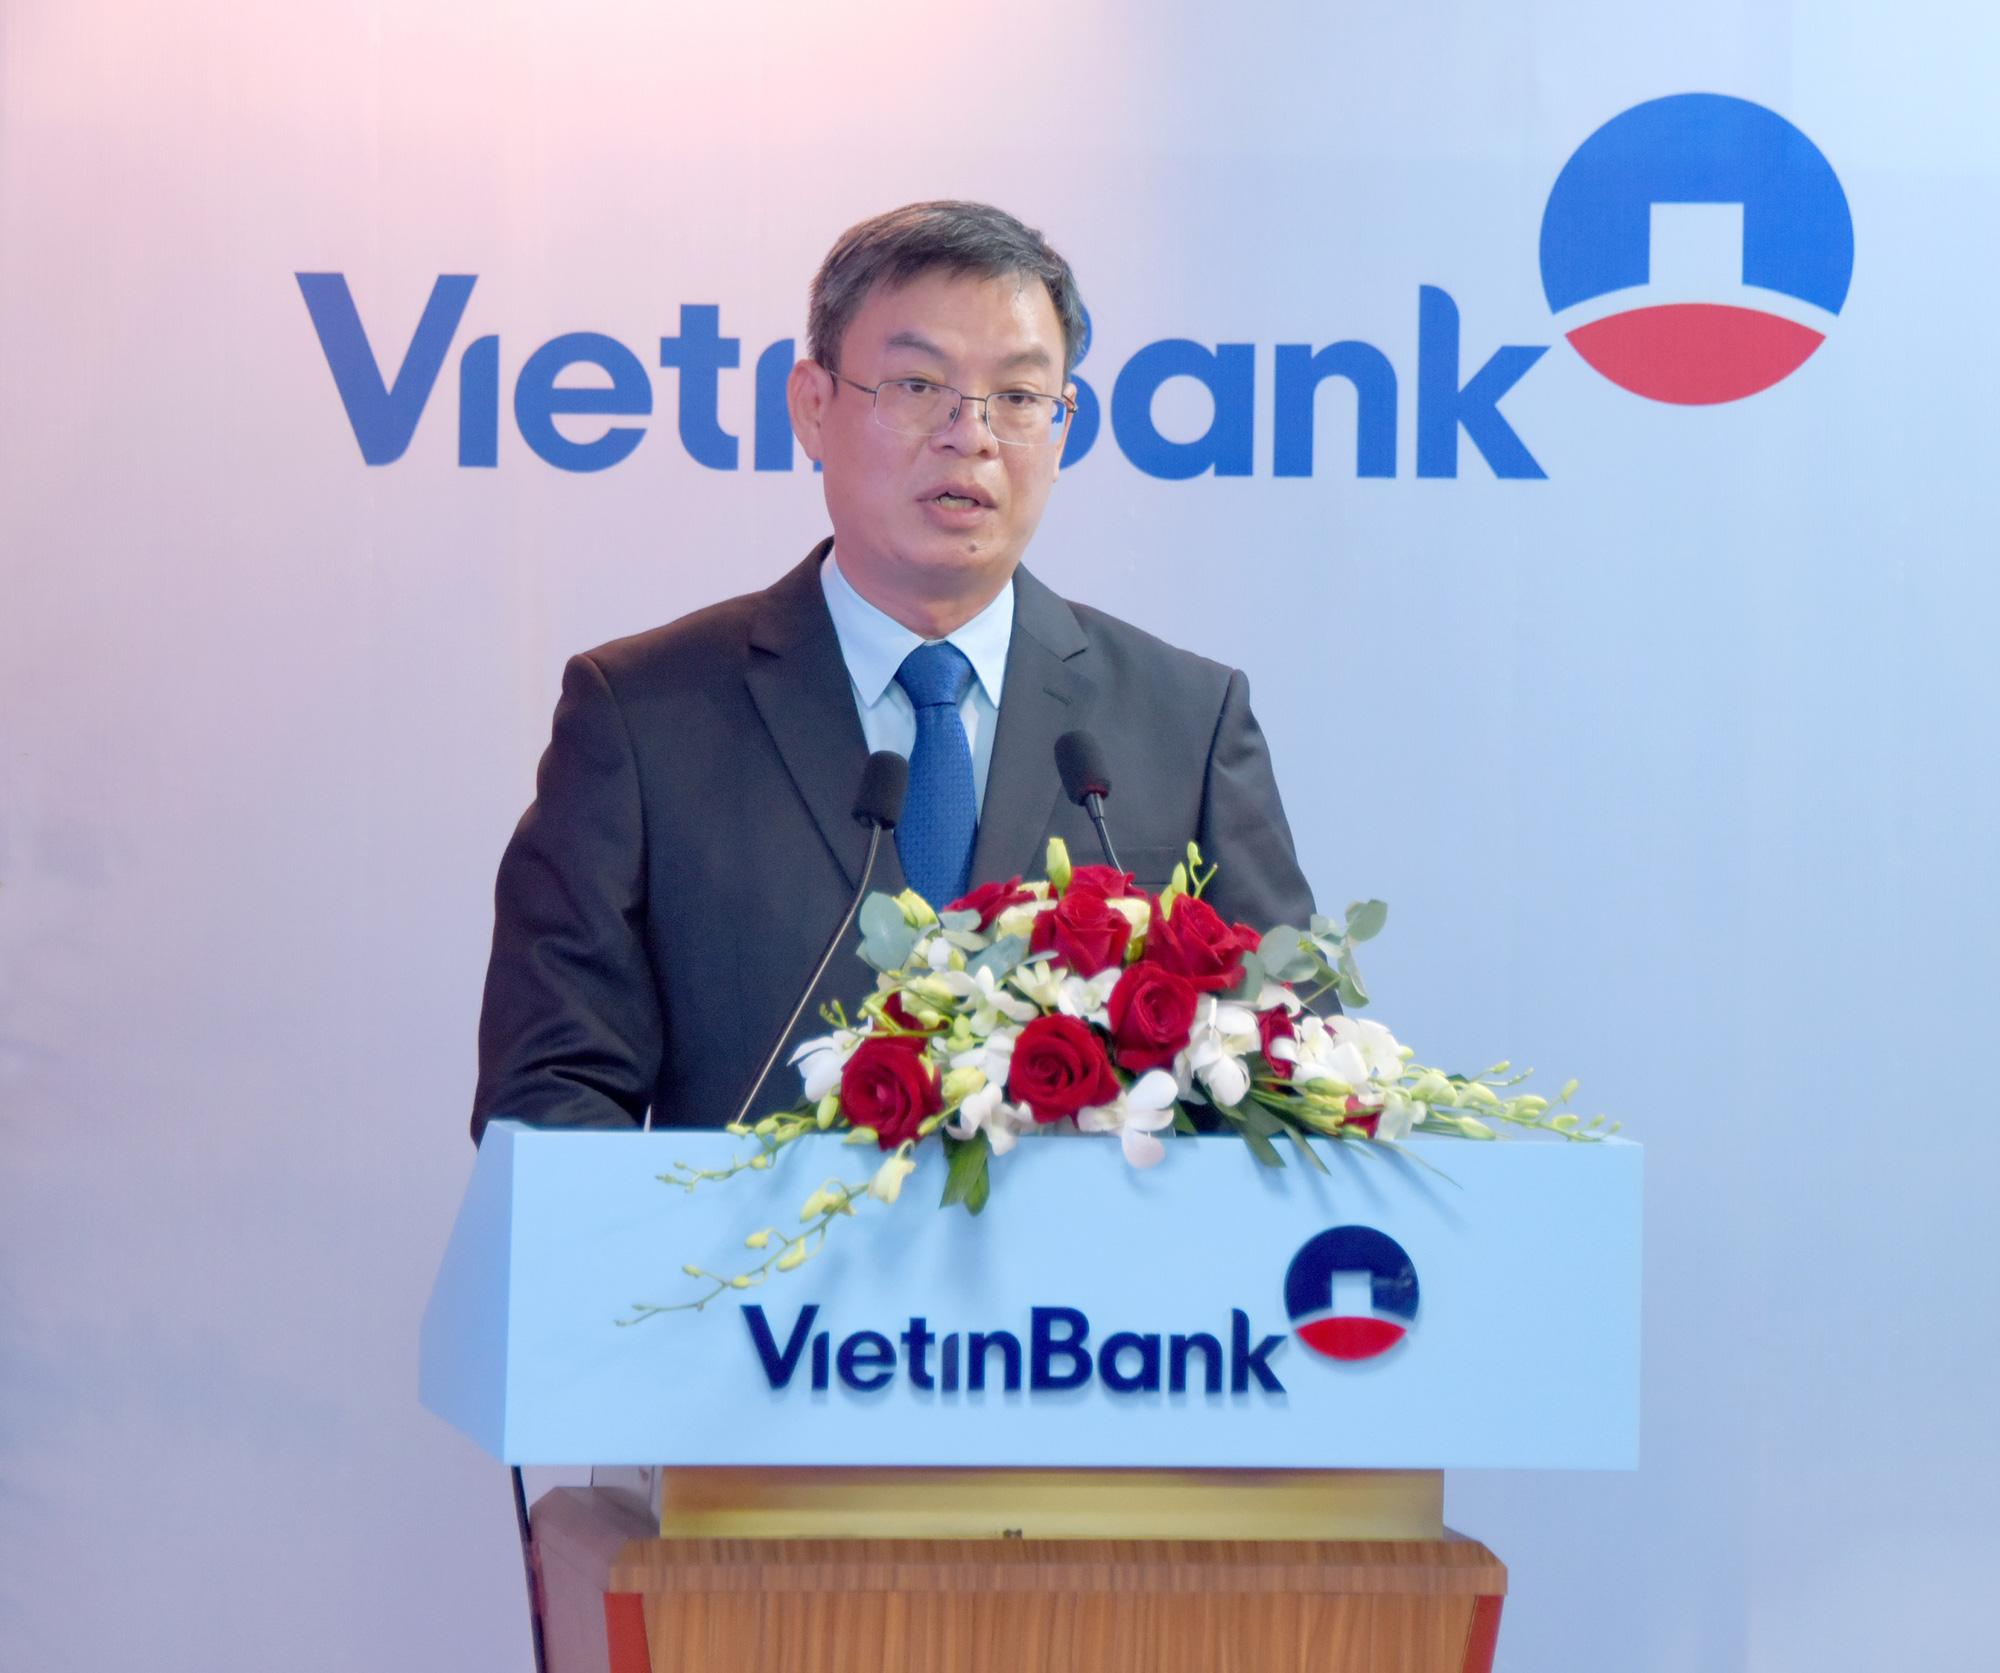 Ông Trần Minh Bình làm Chủ tịch HĐQT VietinBank